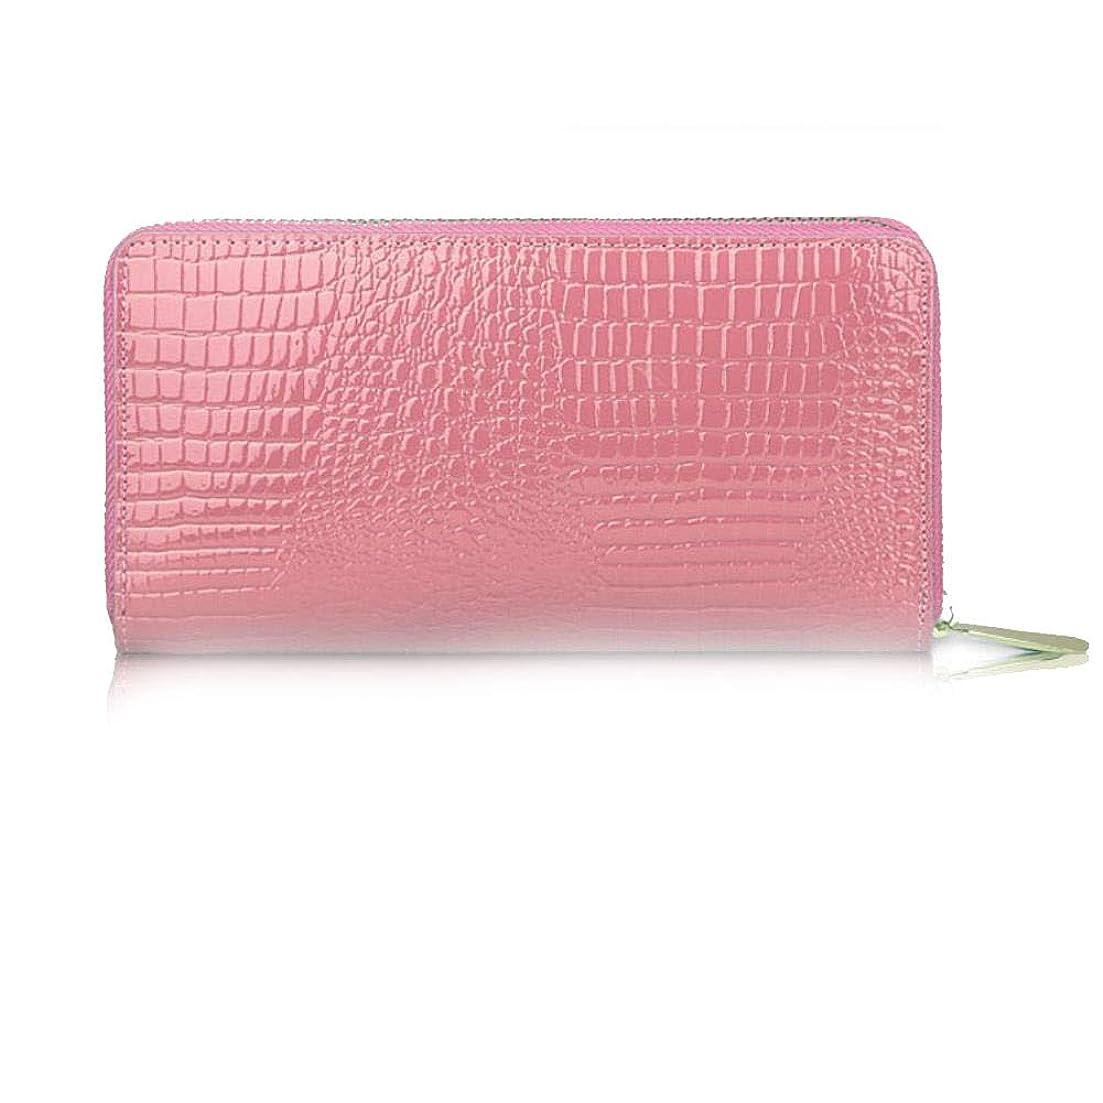 の大騒ぎ災害クラッチバッグハンドバッグパテントレザーの女性の財布の長いジッパーのハンドバッグ大容量の携帯電話バッグ韓国語バージョンの財布学生財布